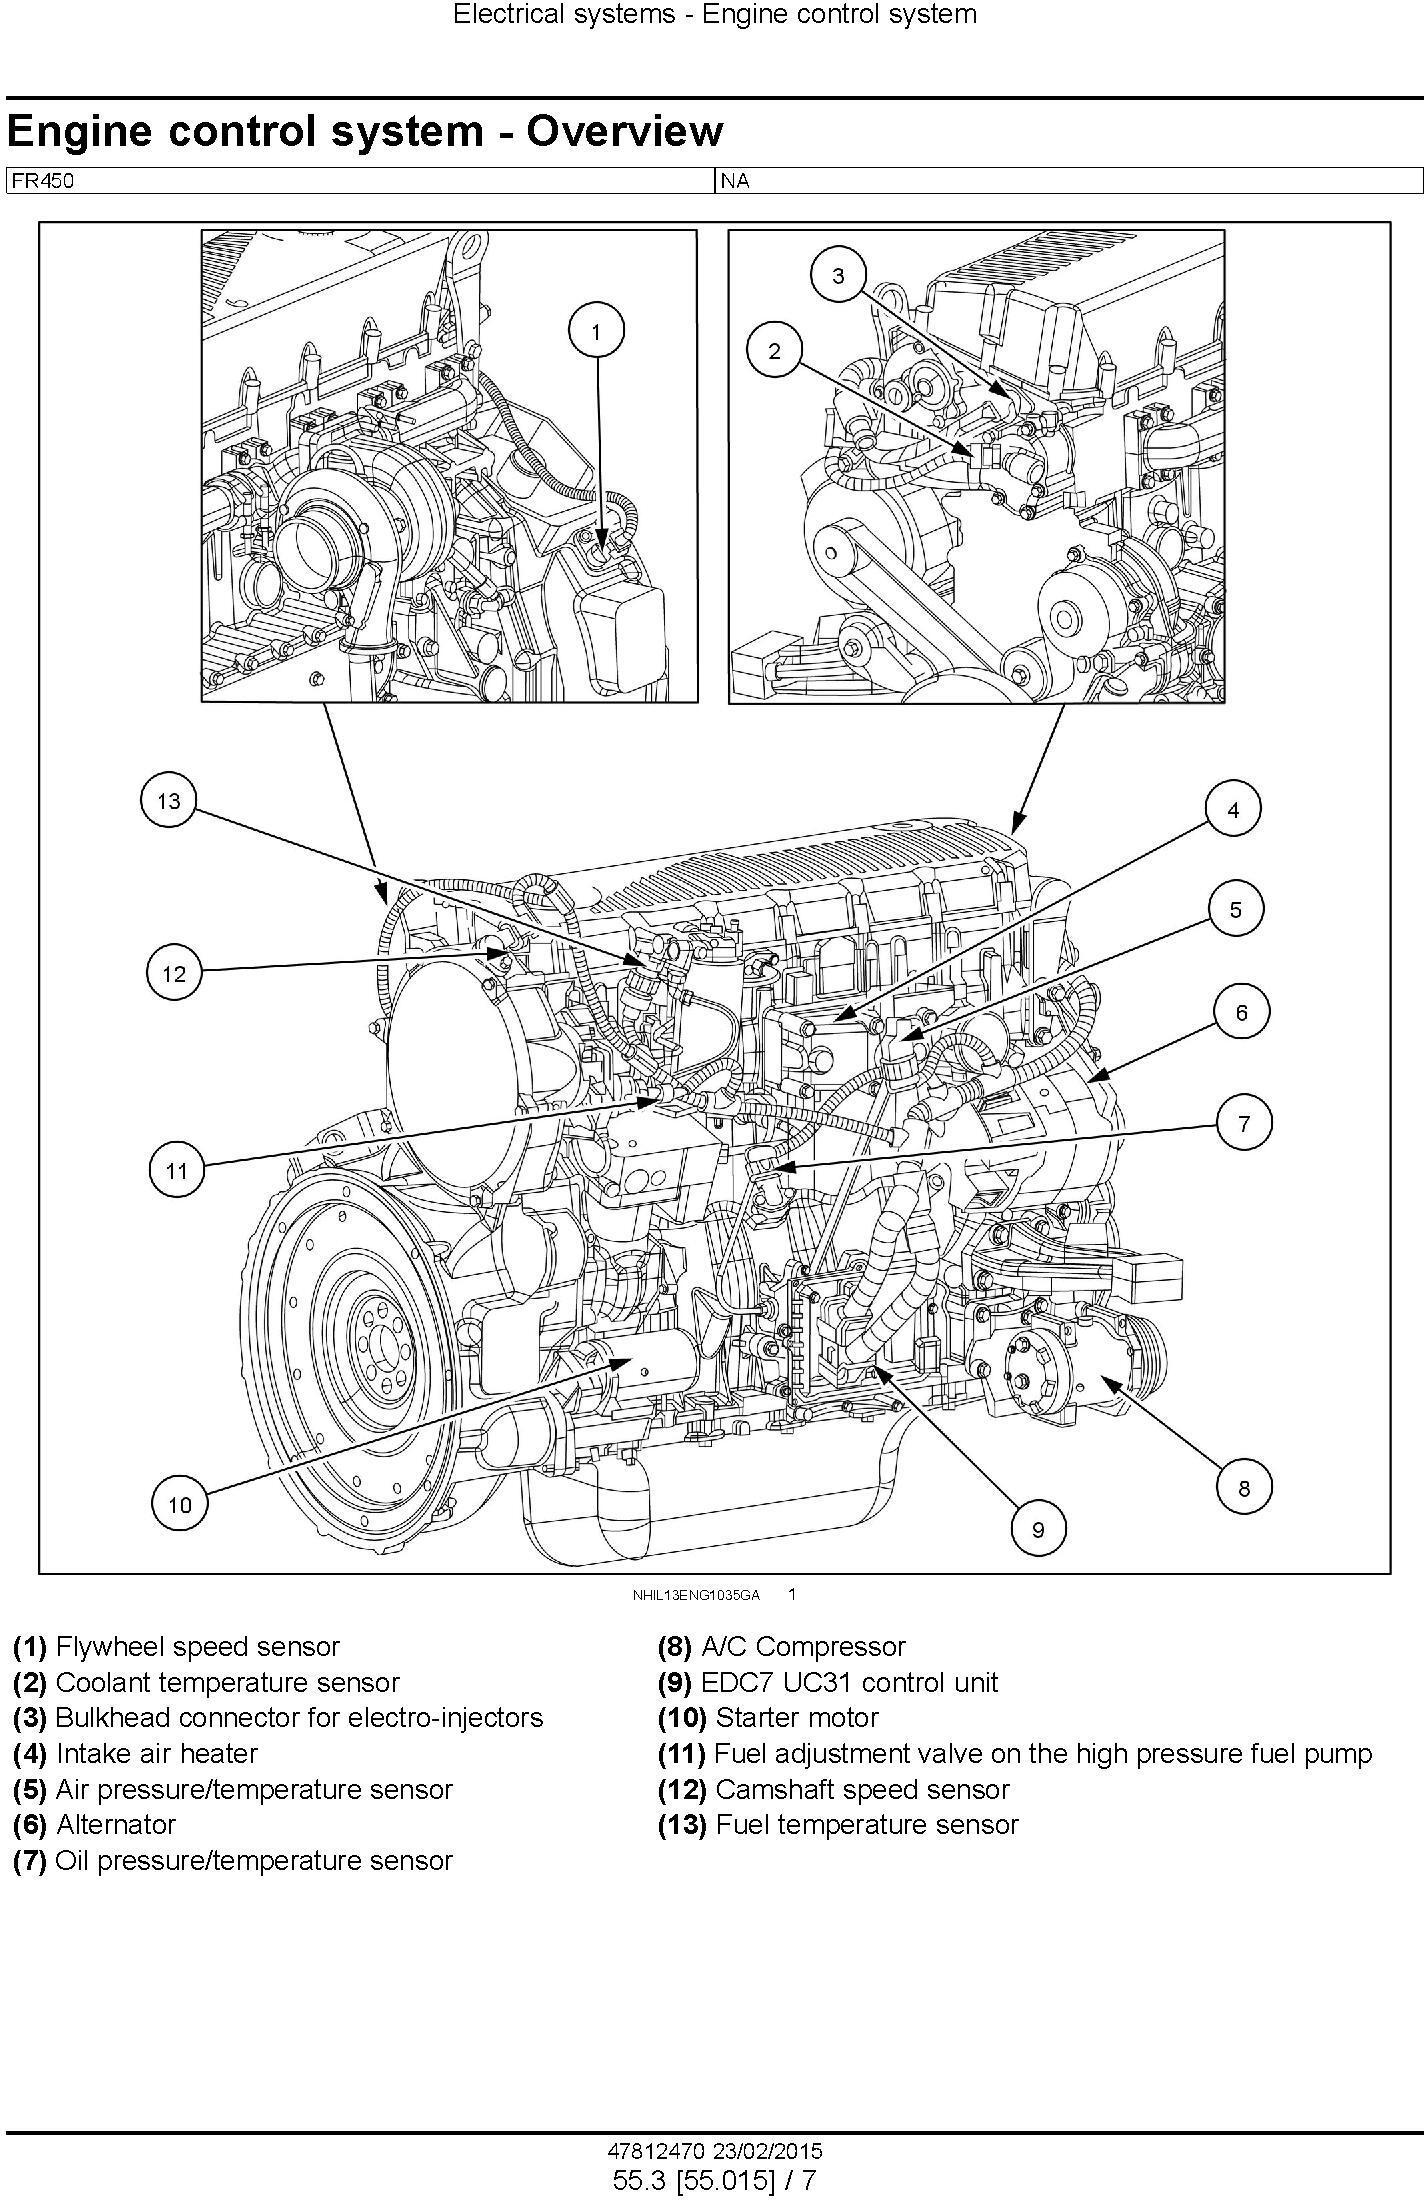 New Holland FR450, FR500, FR600, FR700, FR850 Forage Harvester Complete Service Manual - 3